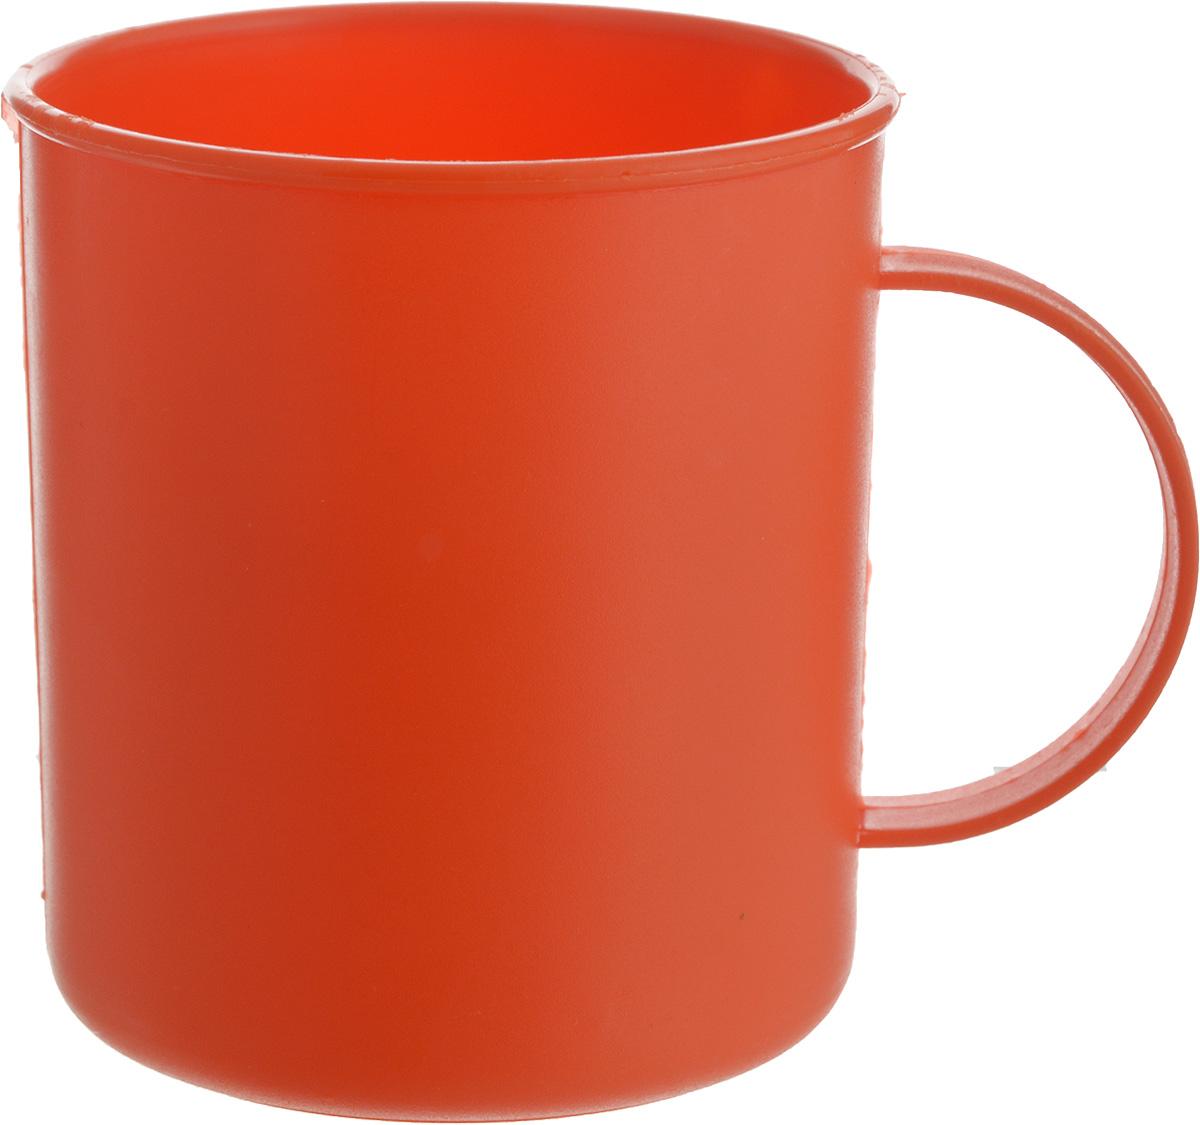 Кружка Gotoff, цвет: оранжевый, 300 млWTC-121_оранжевыйКружка Gotoff выполнена из прочного пищевого полипропилена. Изделие отлично подойдет как для холодных, так и для горячих напитков. Его удобно использовать дома или на даче, брать с собой на пикники и в поездки. Отличный вариант для детских праздников. Такая кружка не разобьется и будет служить вам долгое время.Диаметр кружки (по верхнему краю): 7,5 см. Высота кружки: 8,5 см.